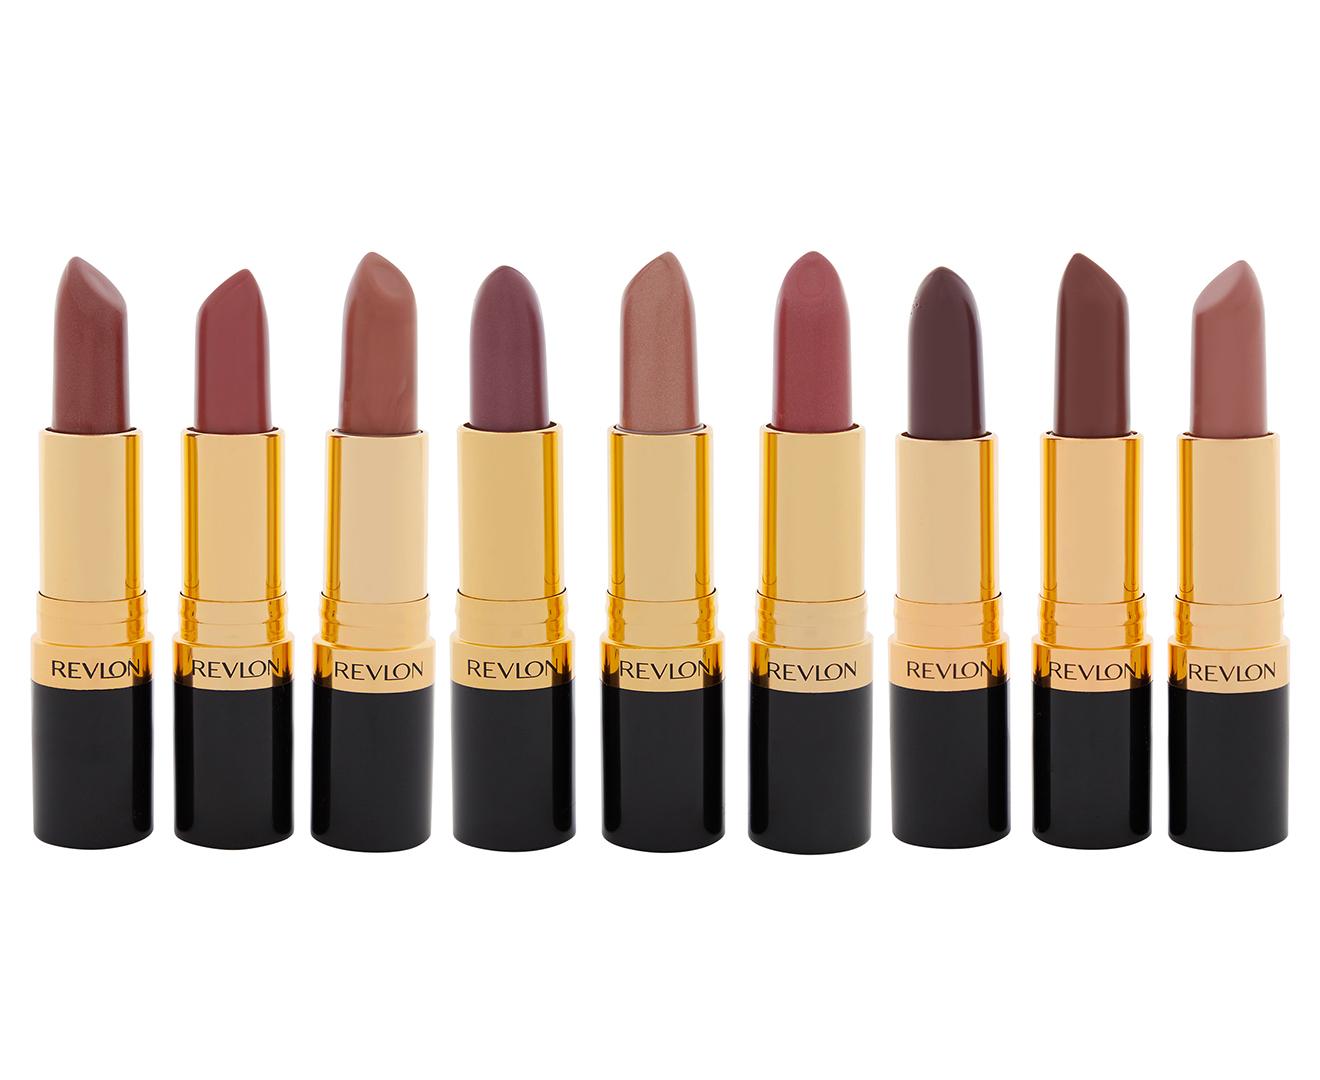 Revlon 9-Piece Super Lustrous Lipstick Set - The